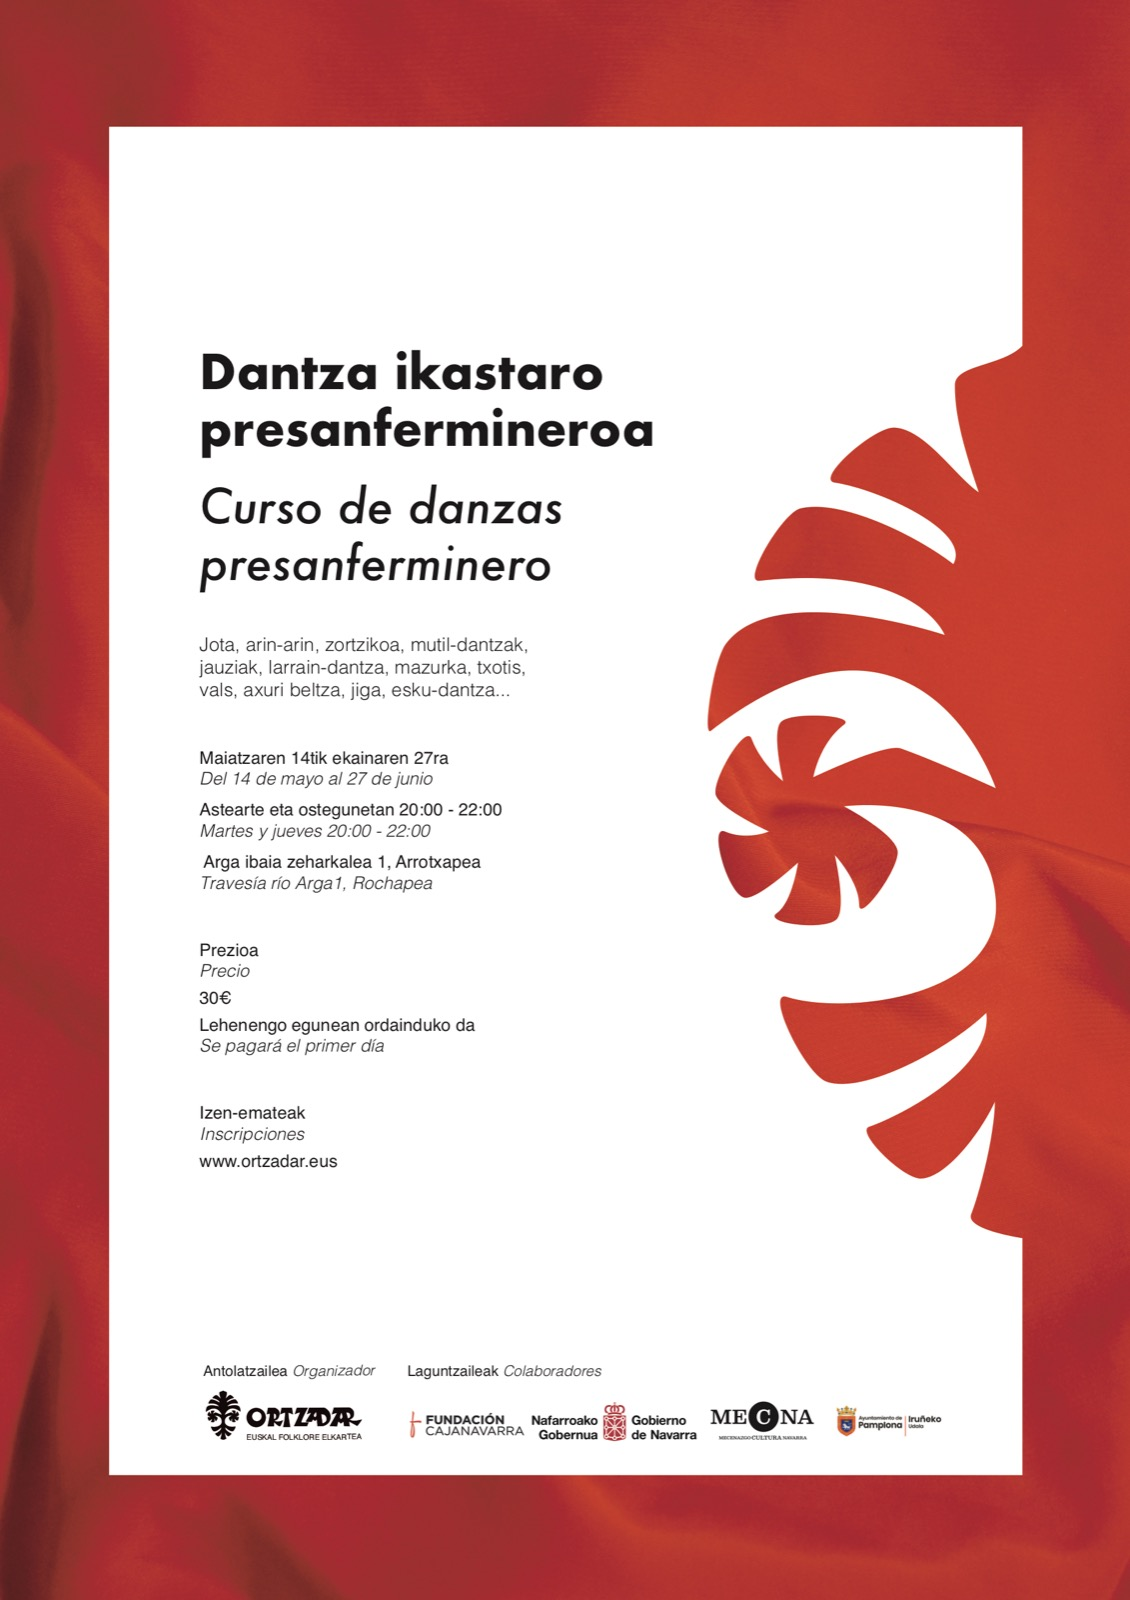 Dantza Ikastaroa presanfermineroa